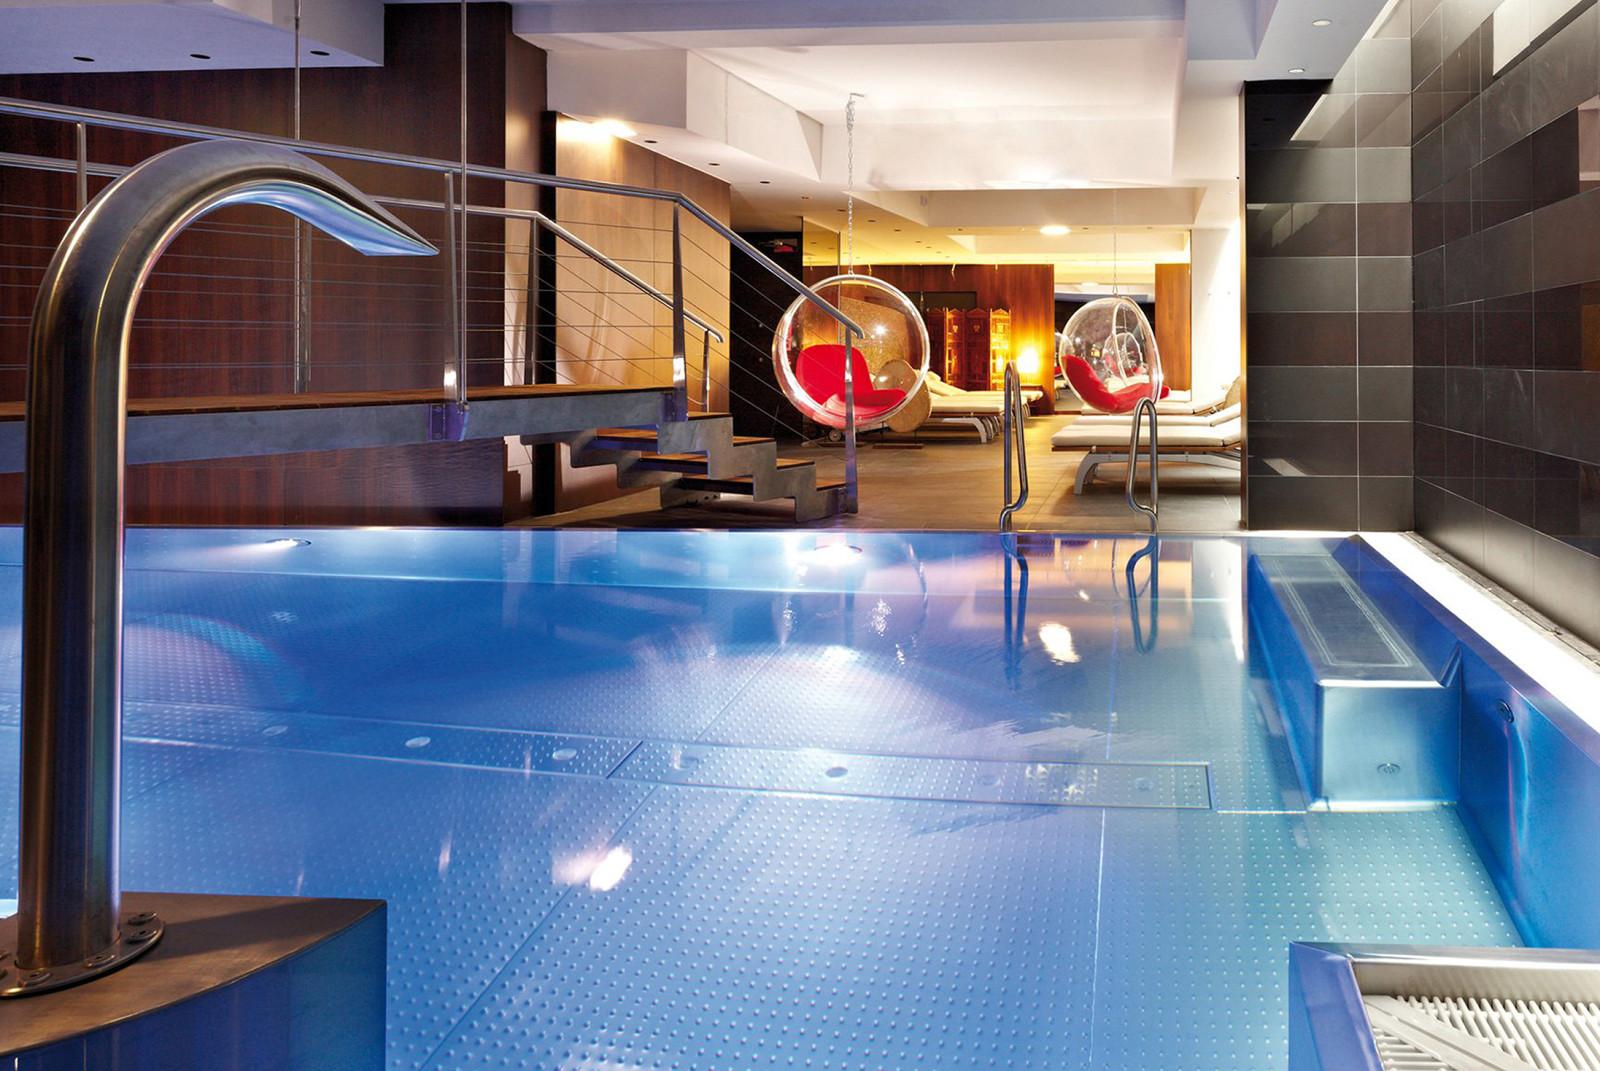 Entspannt abtauchen in einem der beiden Pools.